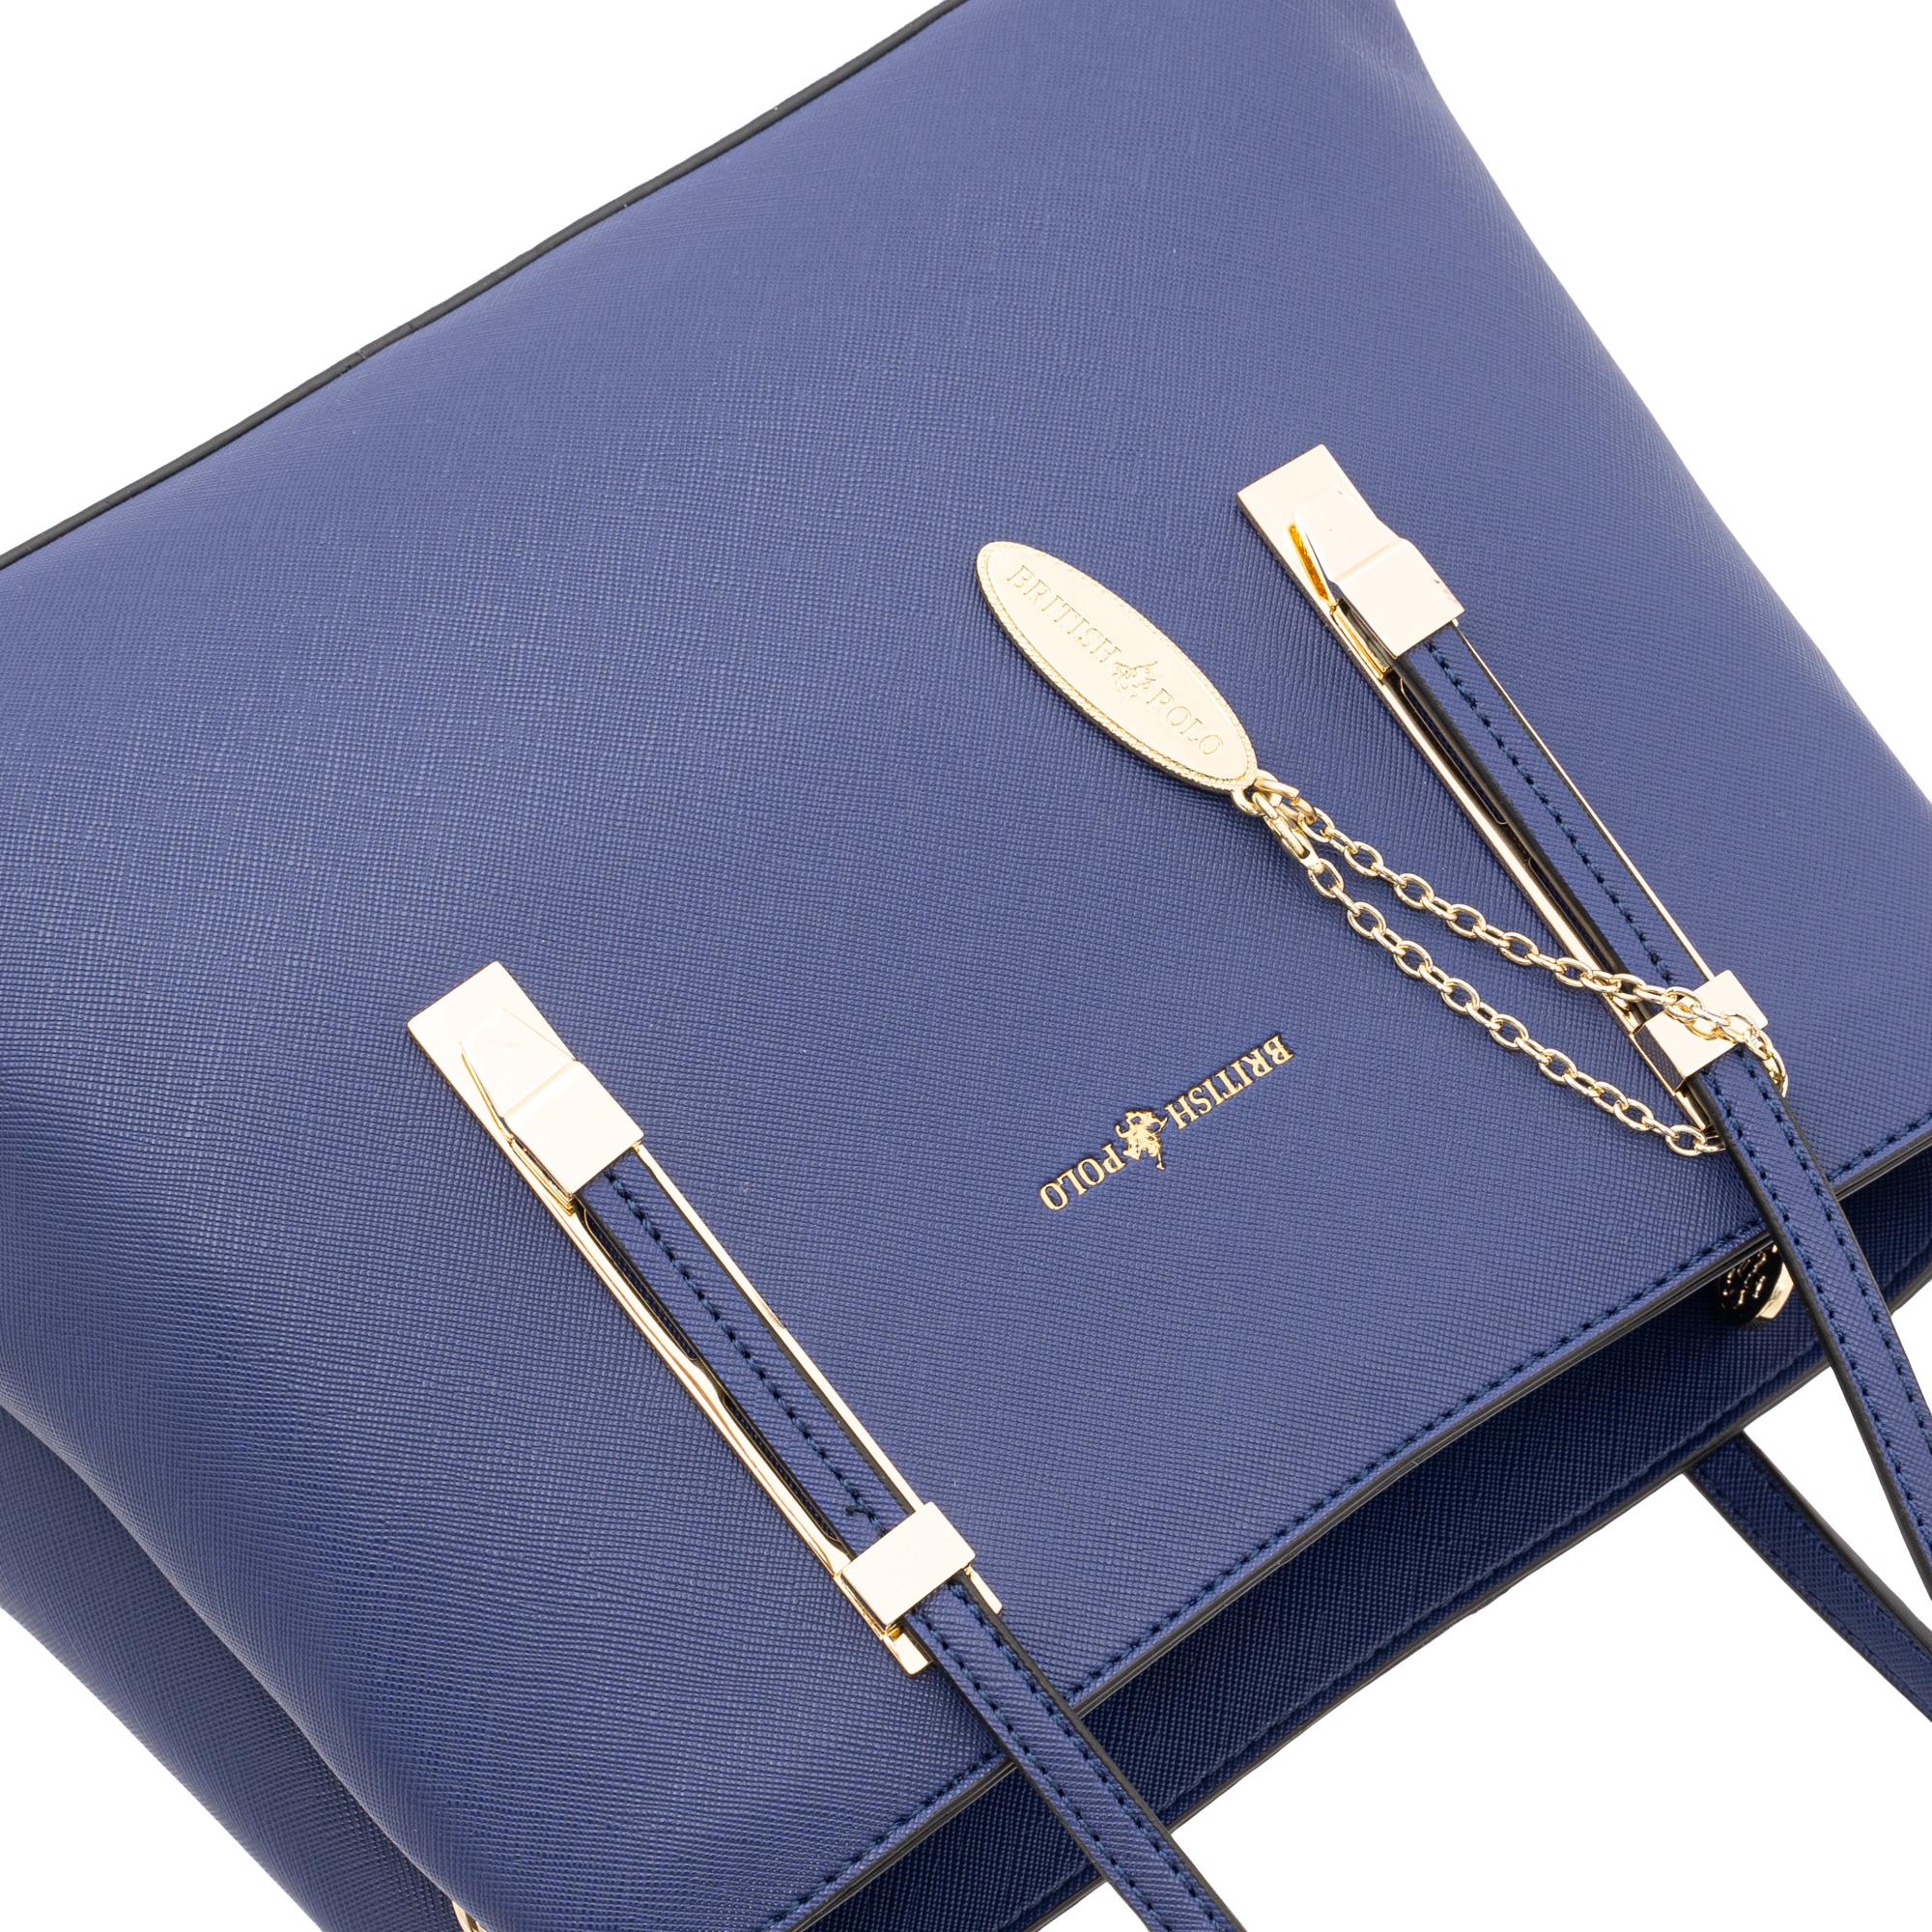 British Polo Angular Shoulder Bag